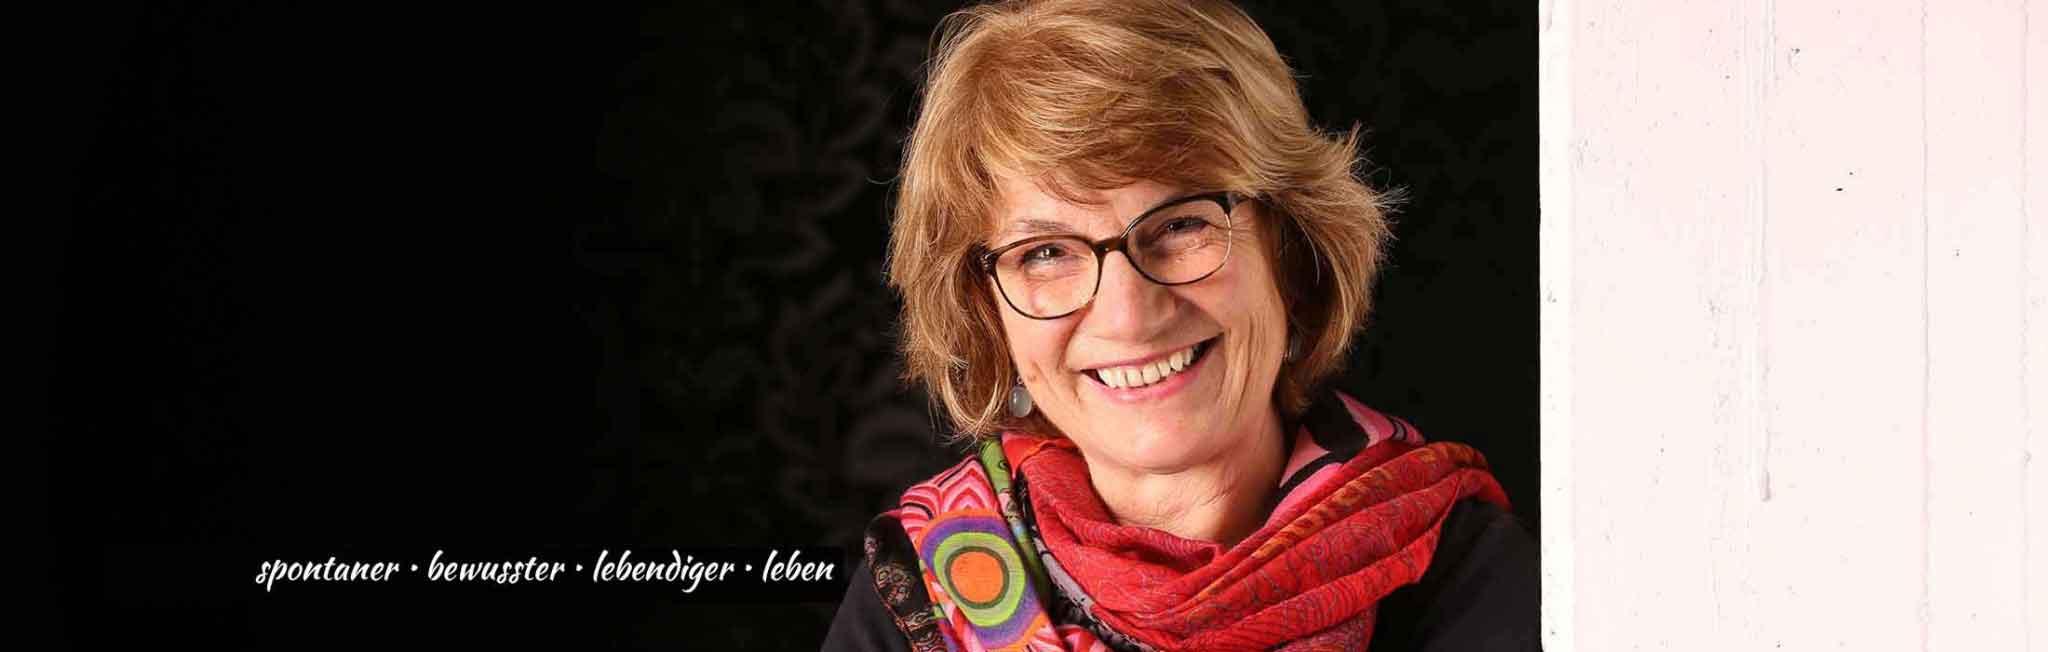 Life Coaching und Beratung, Konstanze Quirmbach